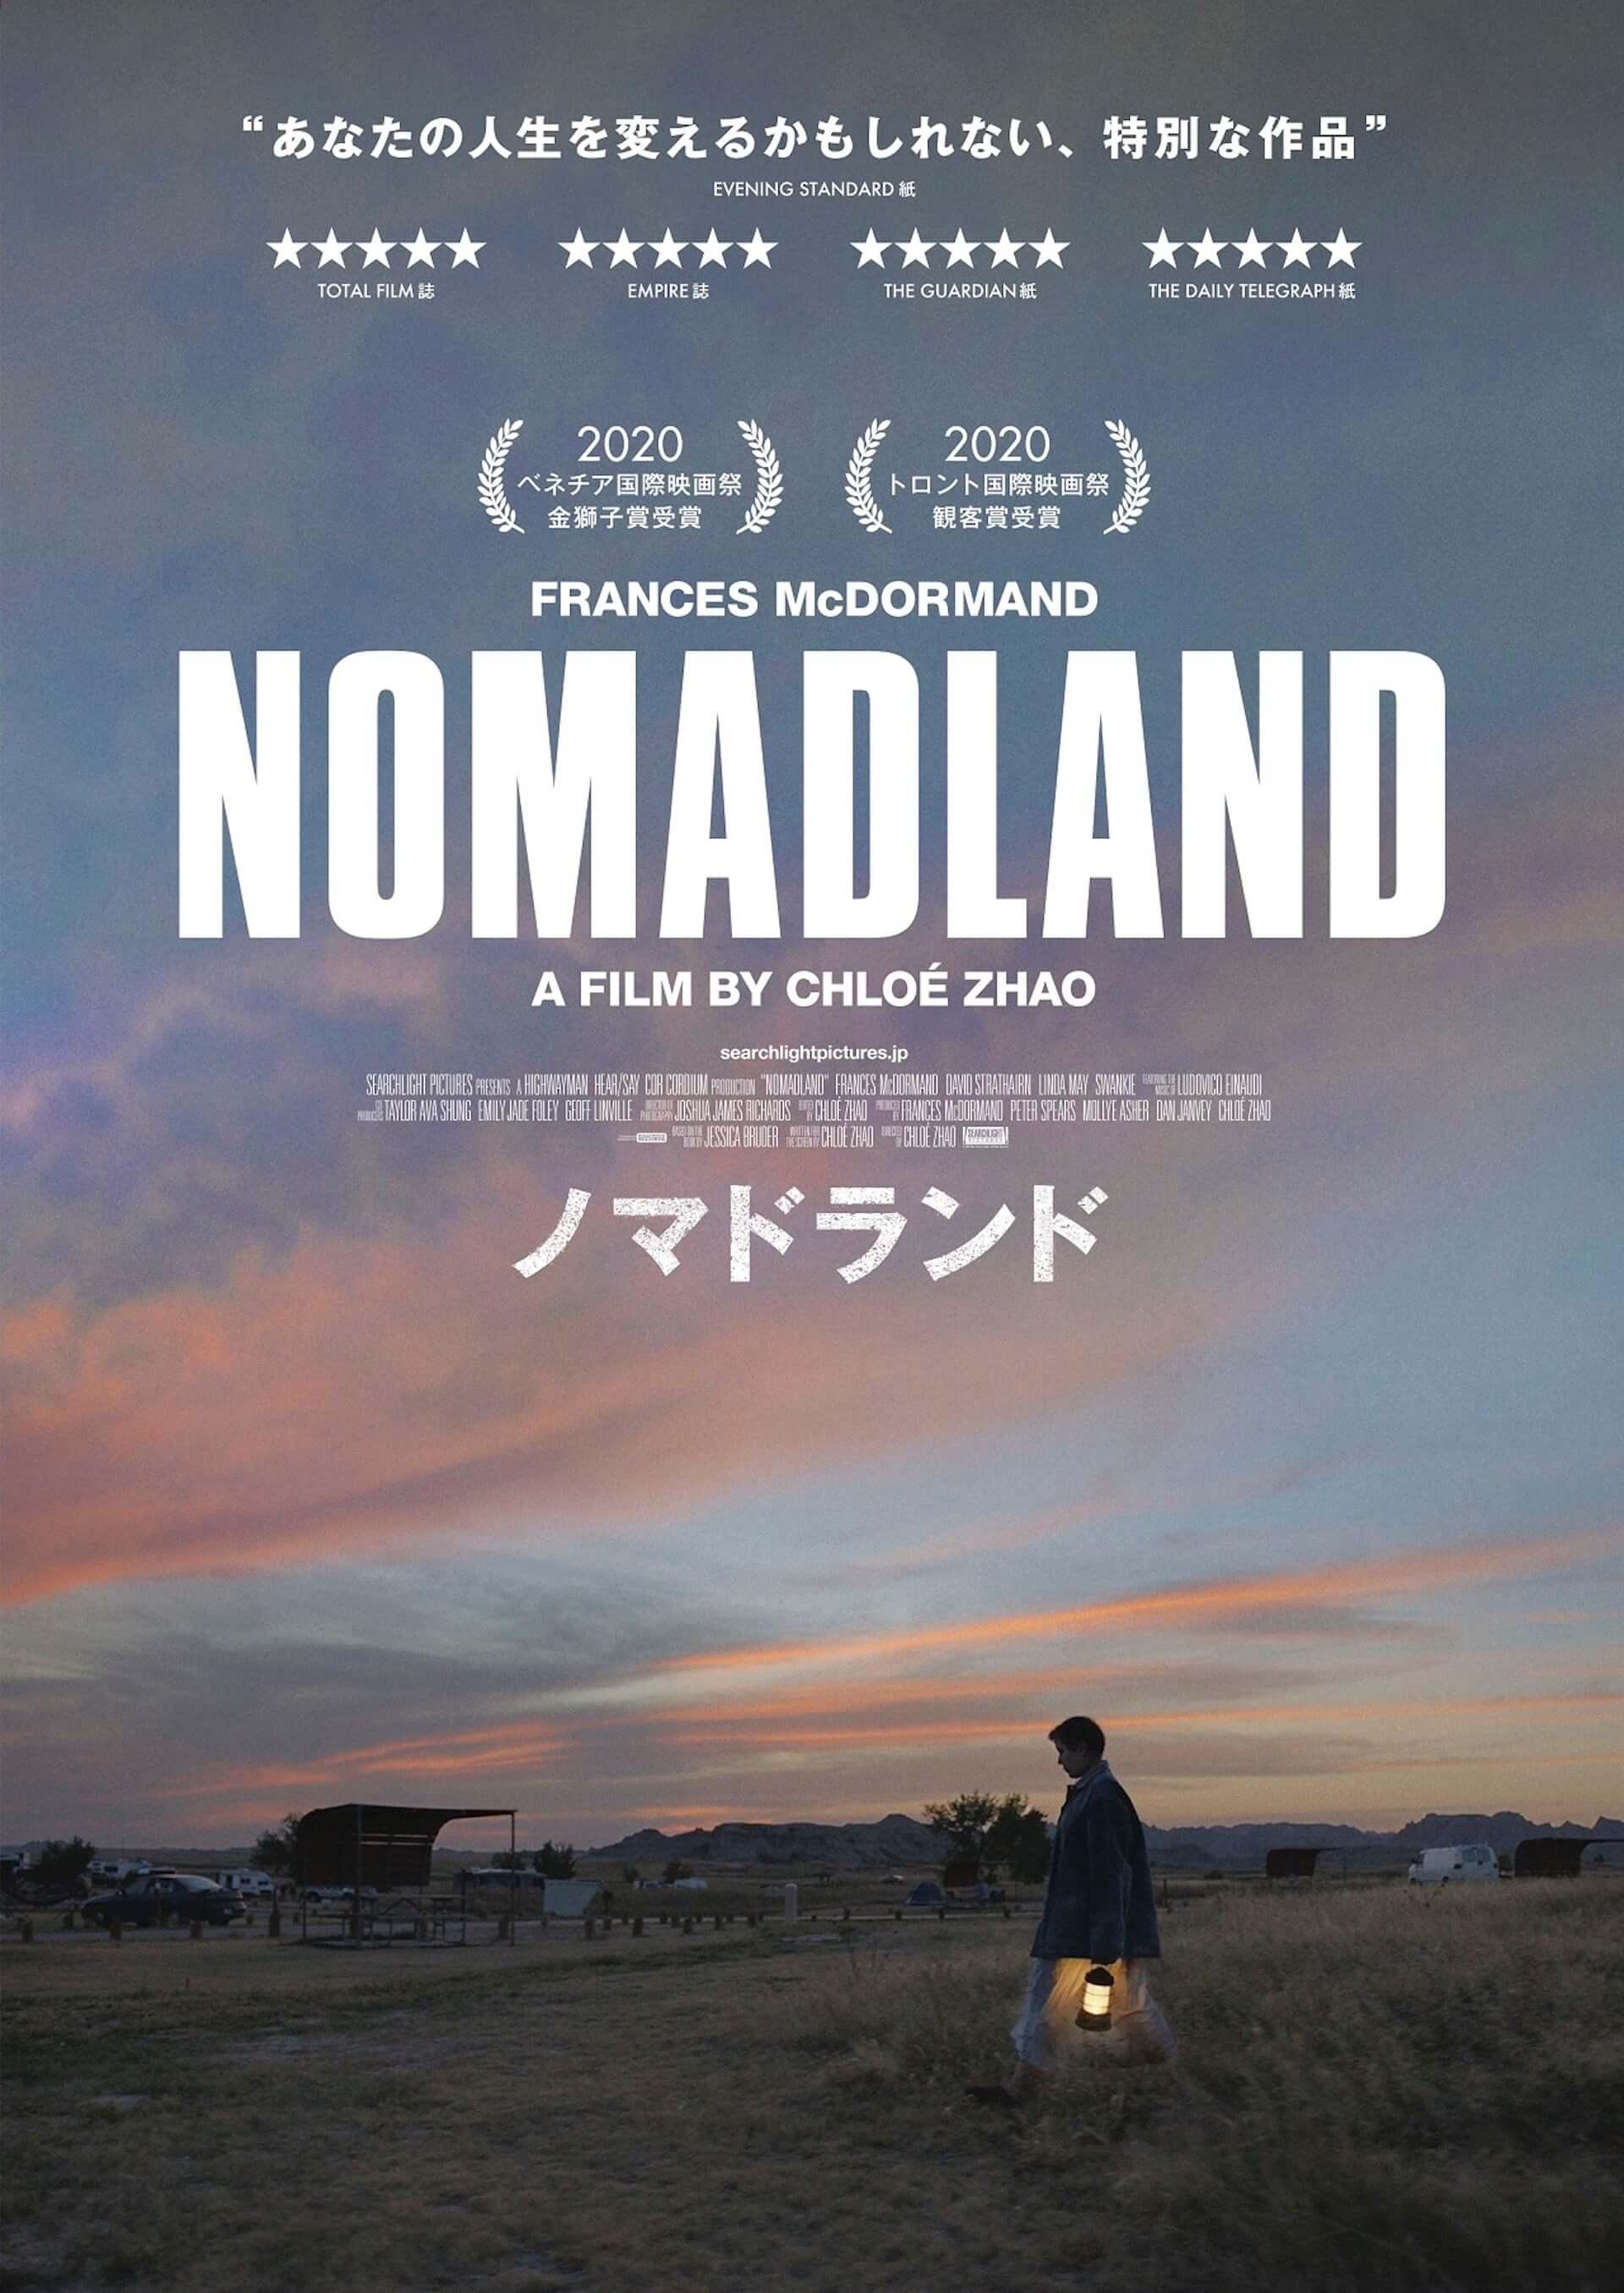 クロエ・ジャオがアジア系女性監督初の快挙!『ノマドランド』が「第78回ゴールデングローブ賞」4部門ノミネート film210204_nomadland_1-1920x2711